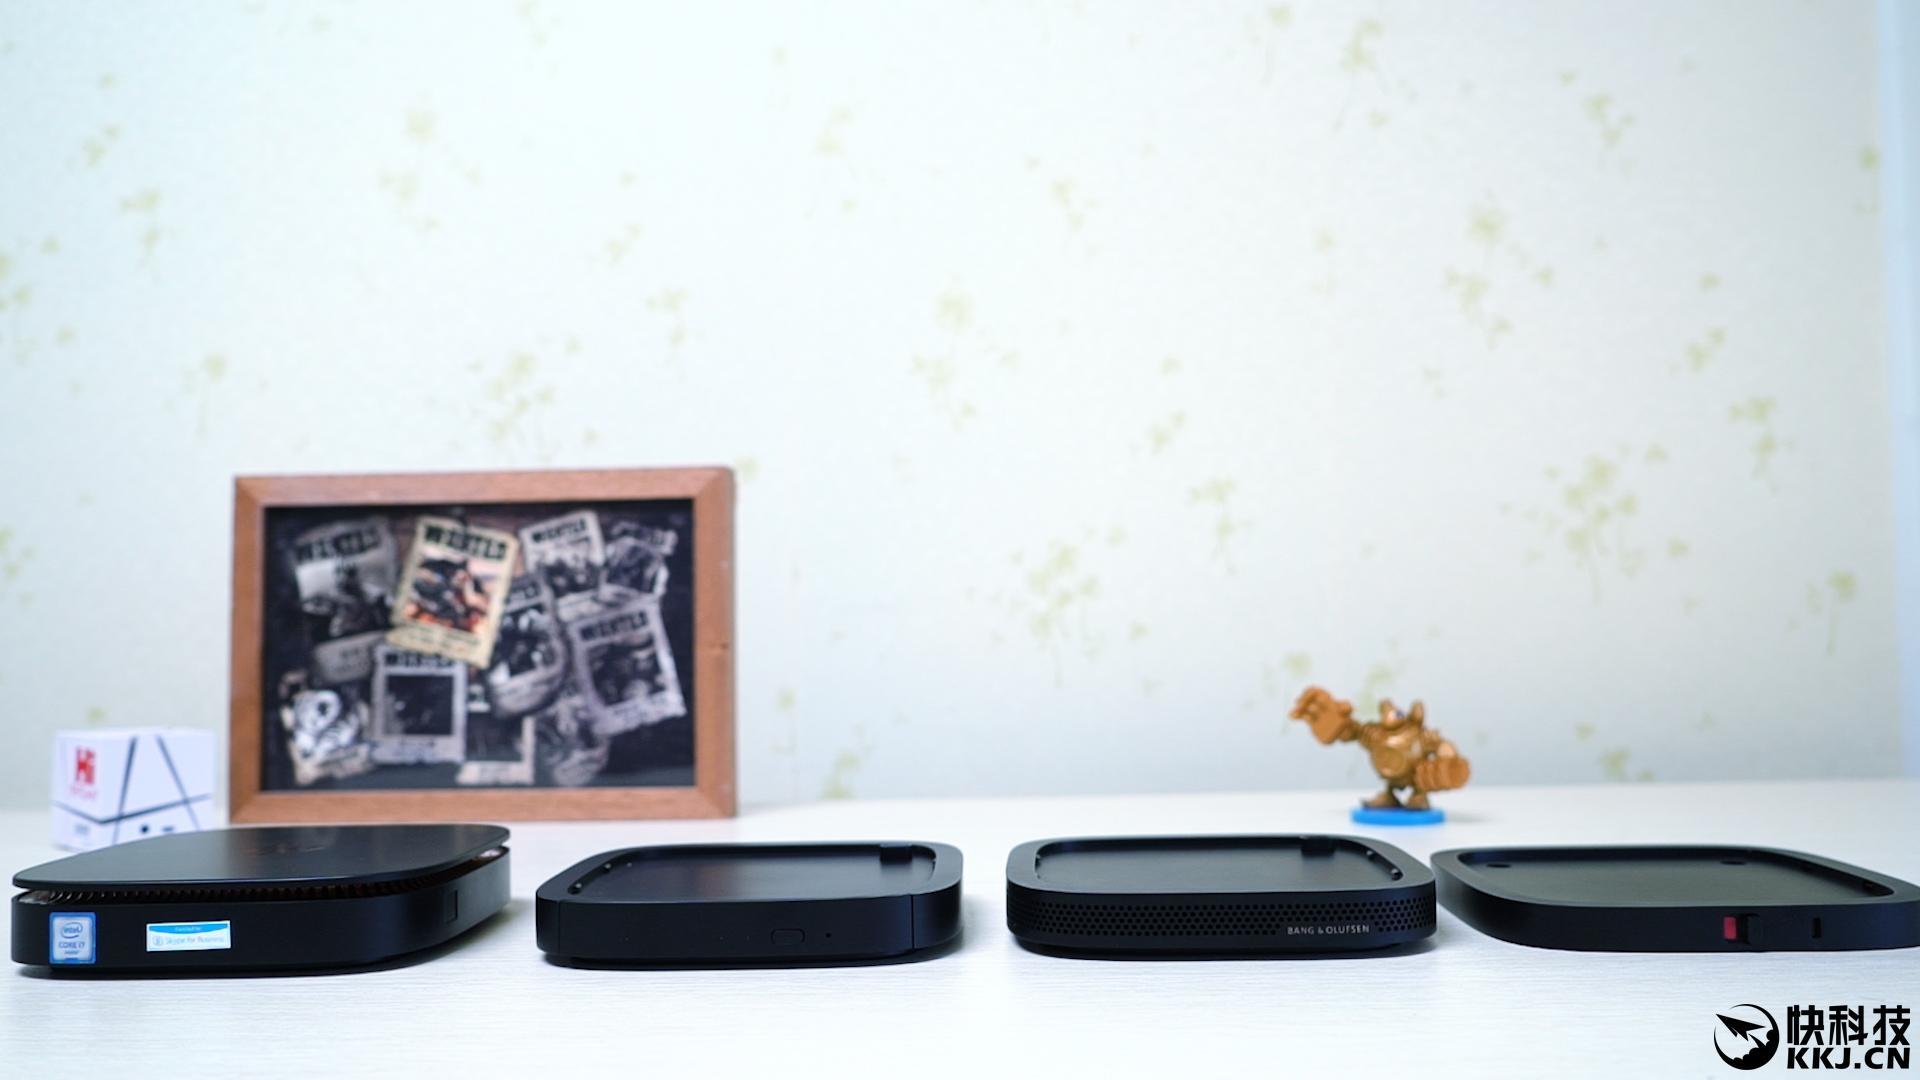 惠普模块化PC评测 两台5.5寸手机的面积足以容纳